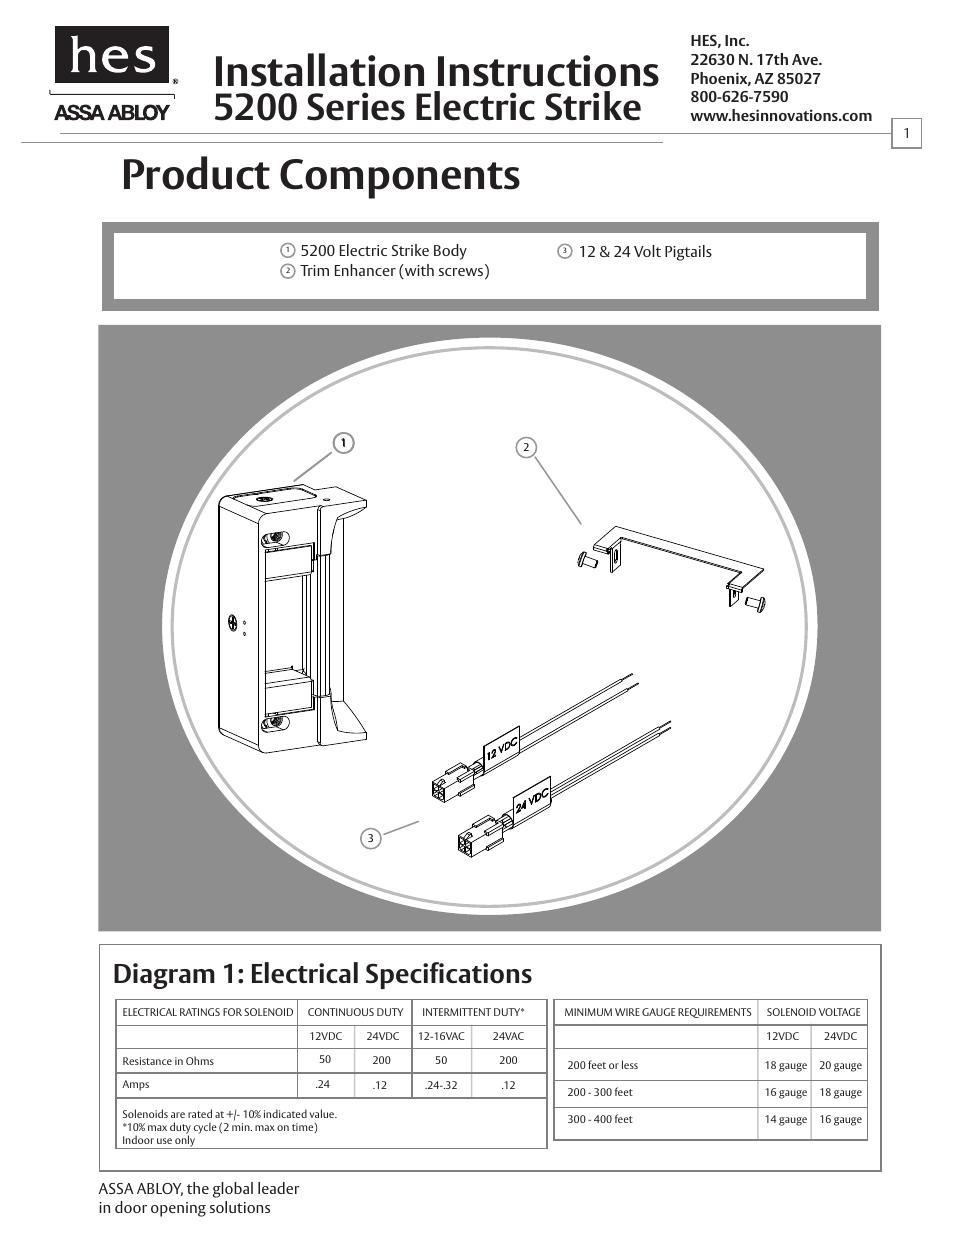 von duprin 99 template - von duprin electric strike wiring diagram panasonic wiring